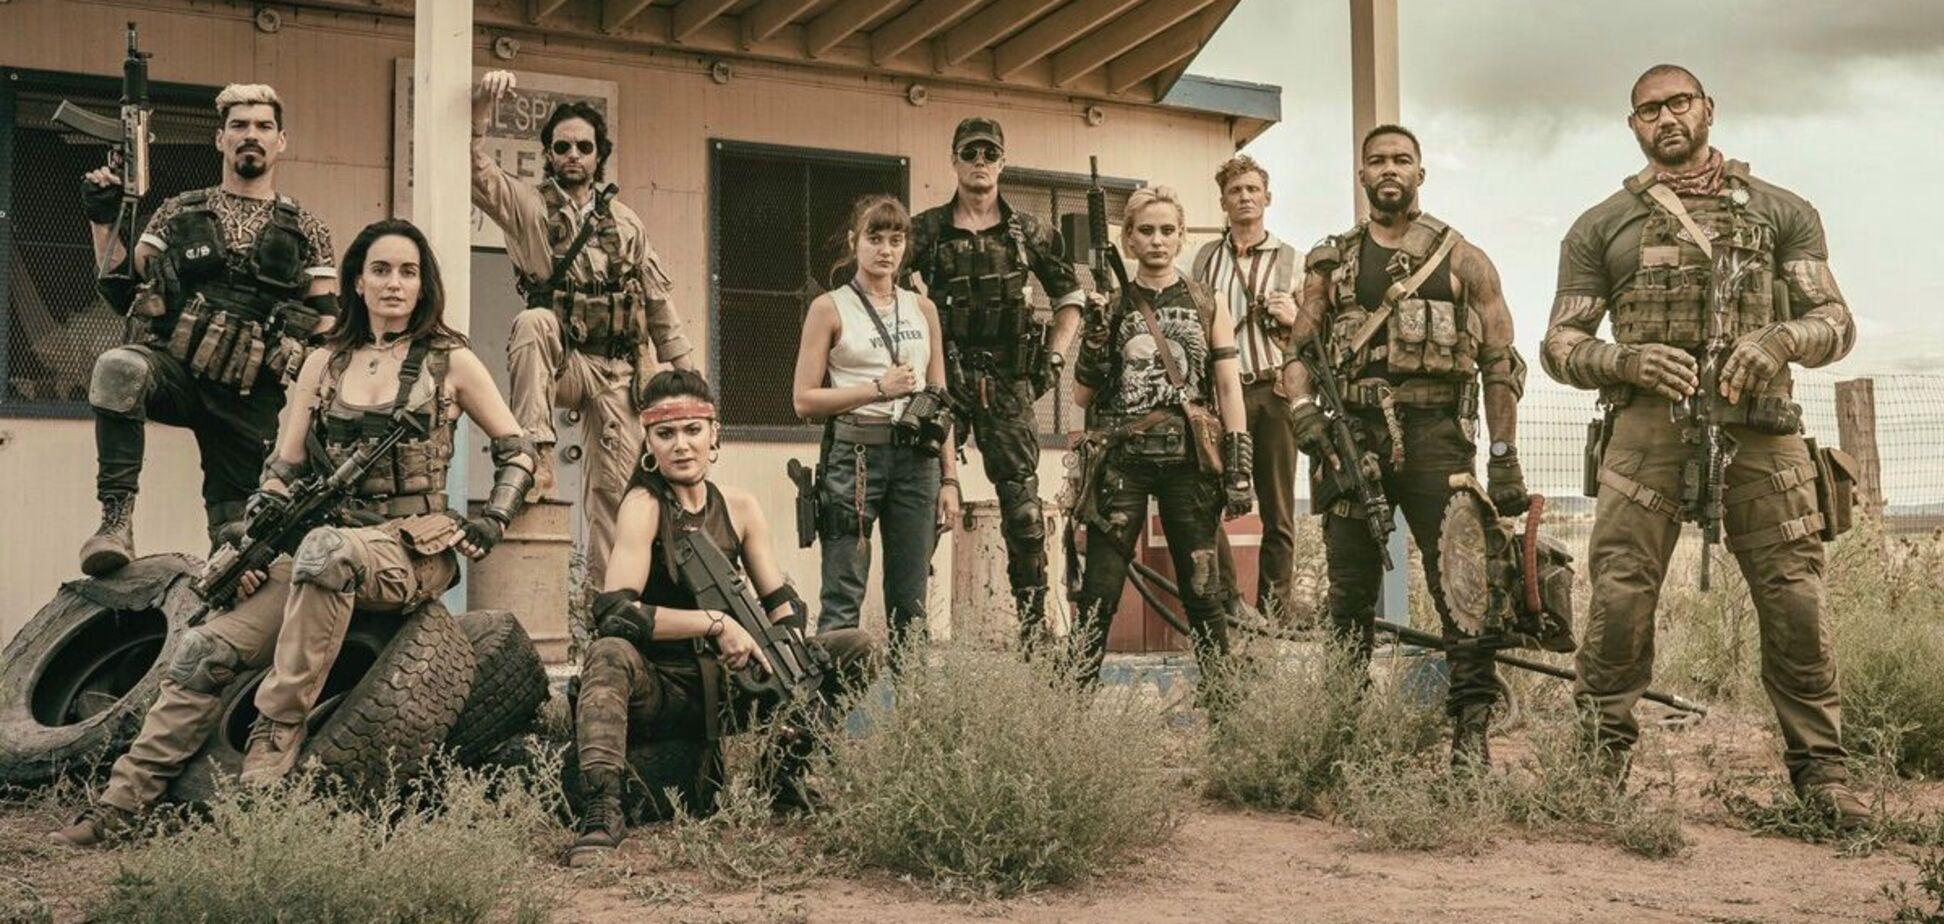 Кадр из фильма 'Армия мертвецов'